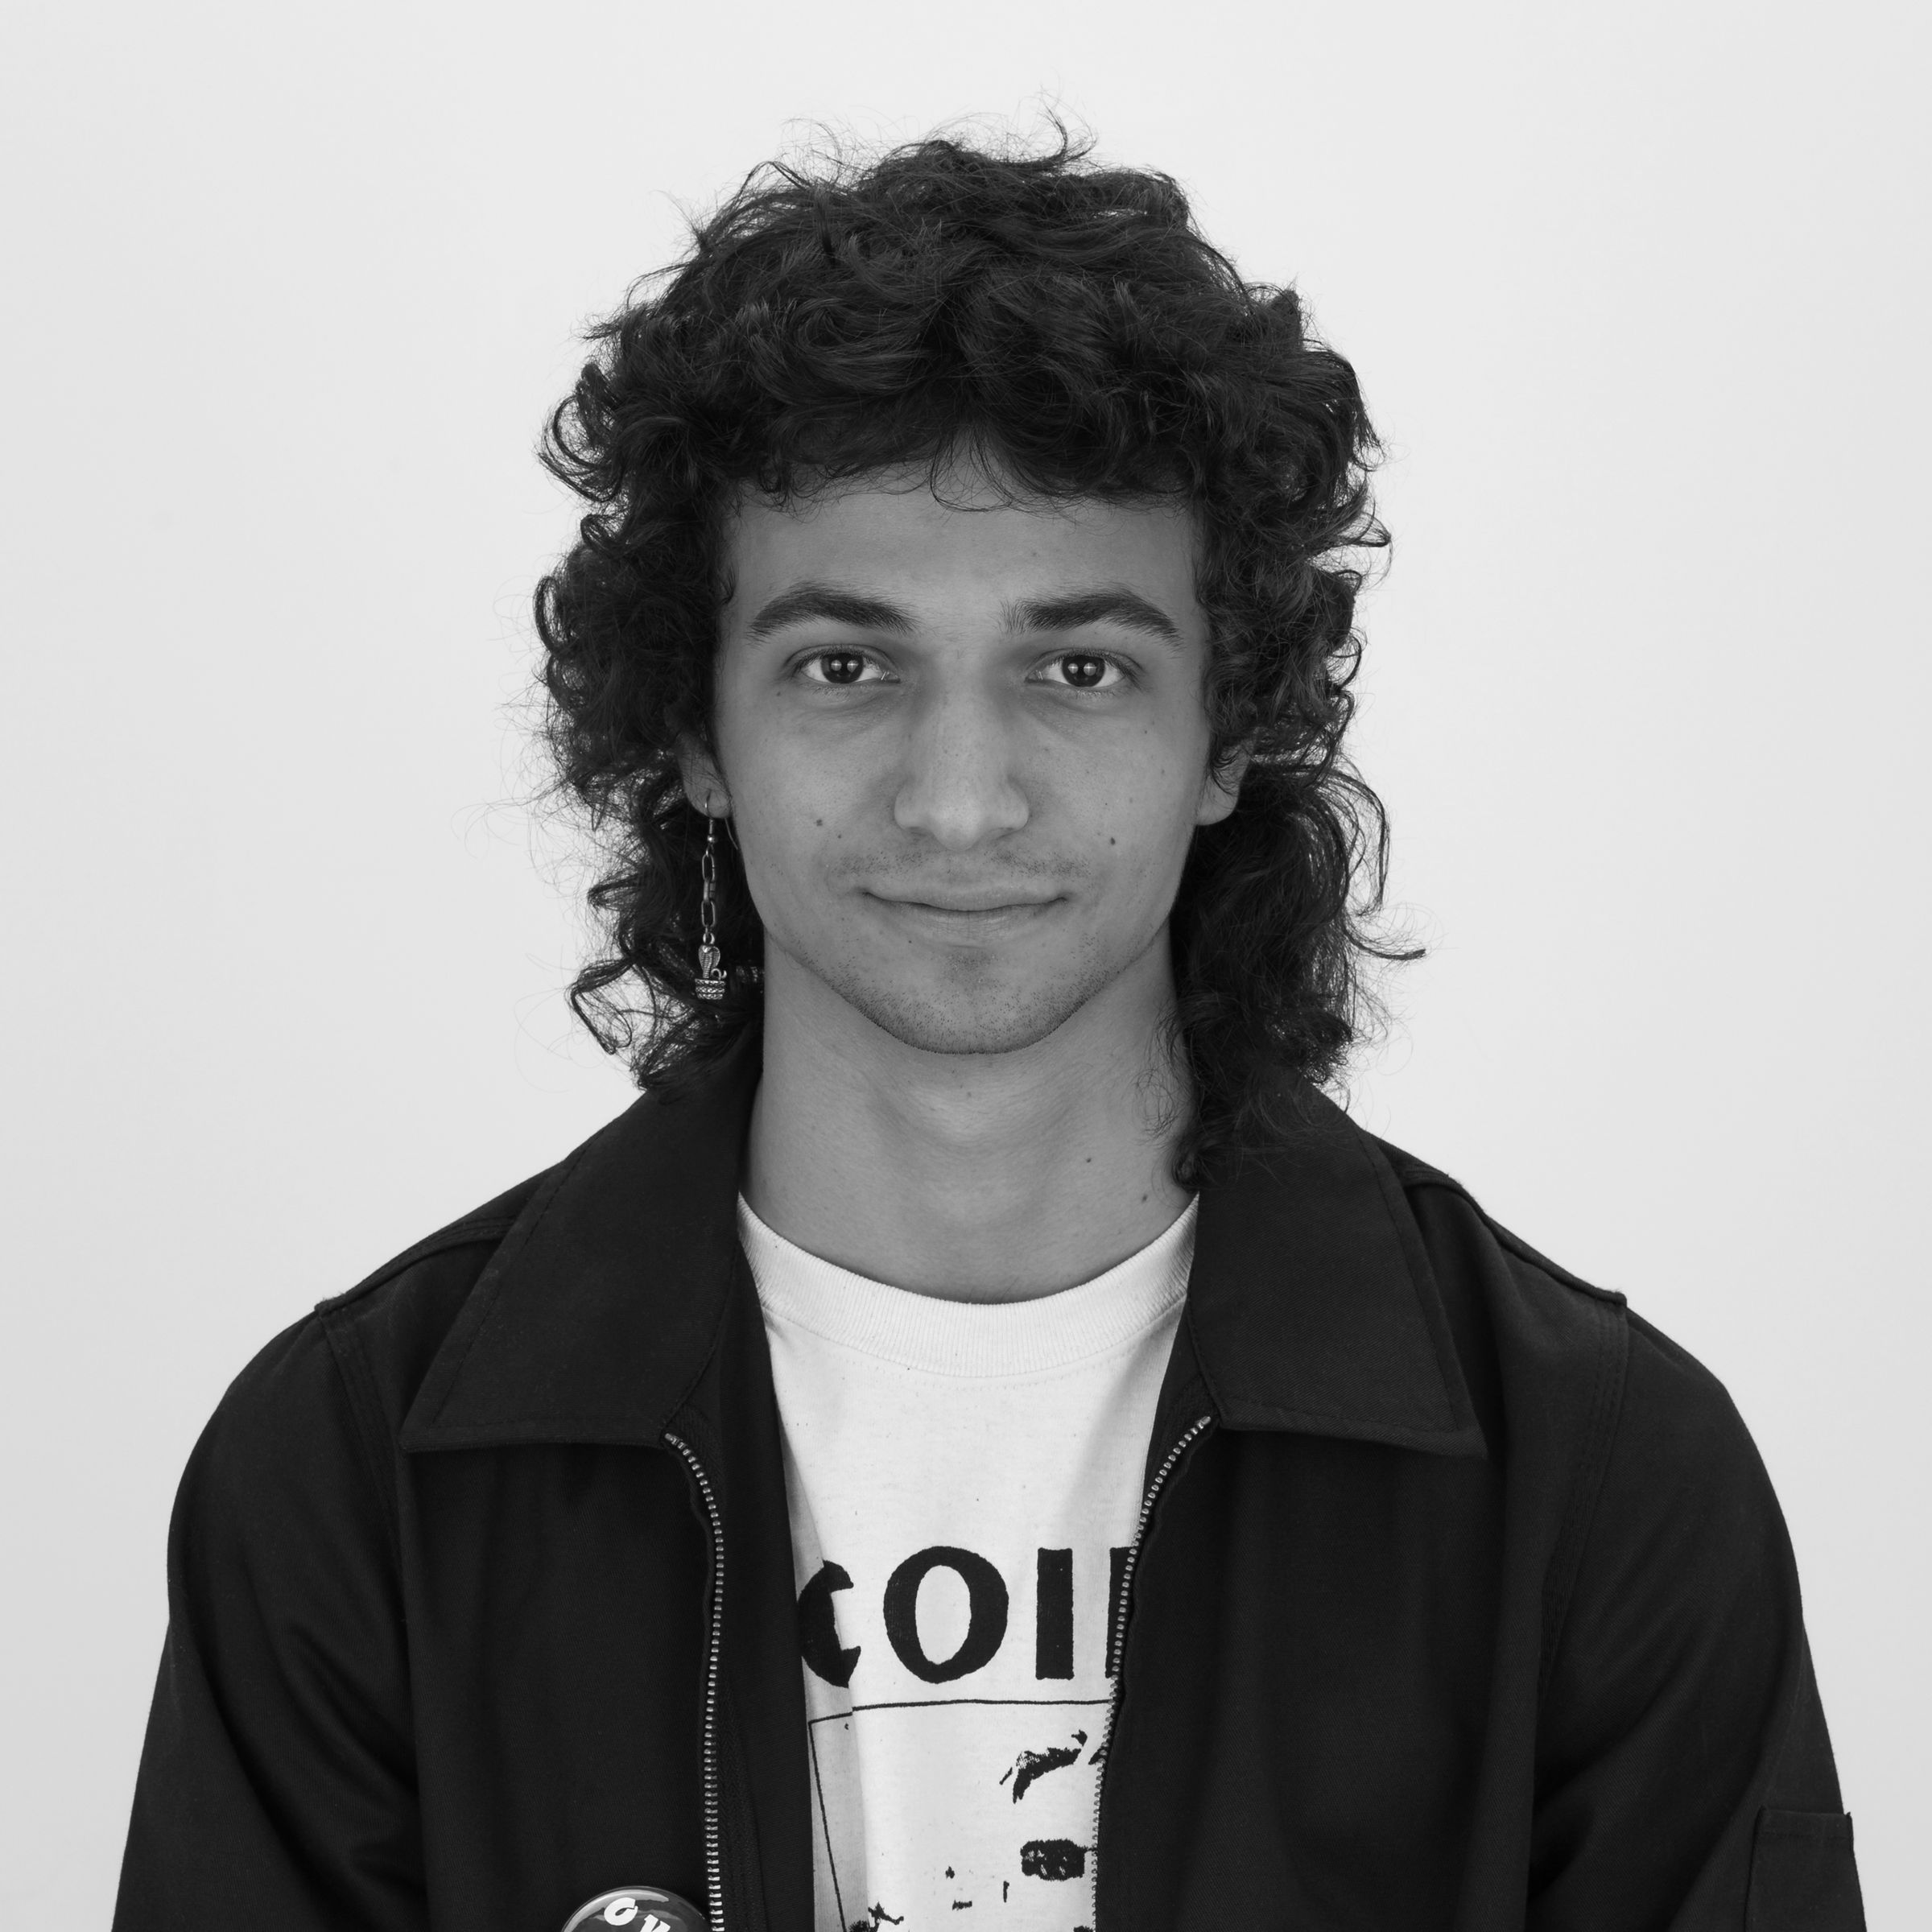 Matt Morgantini